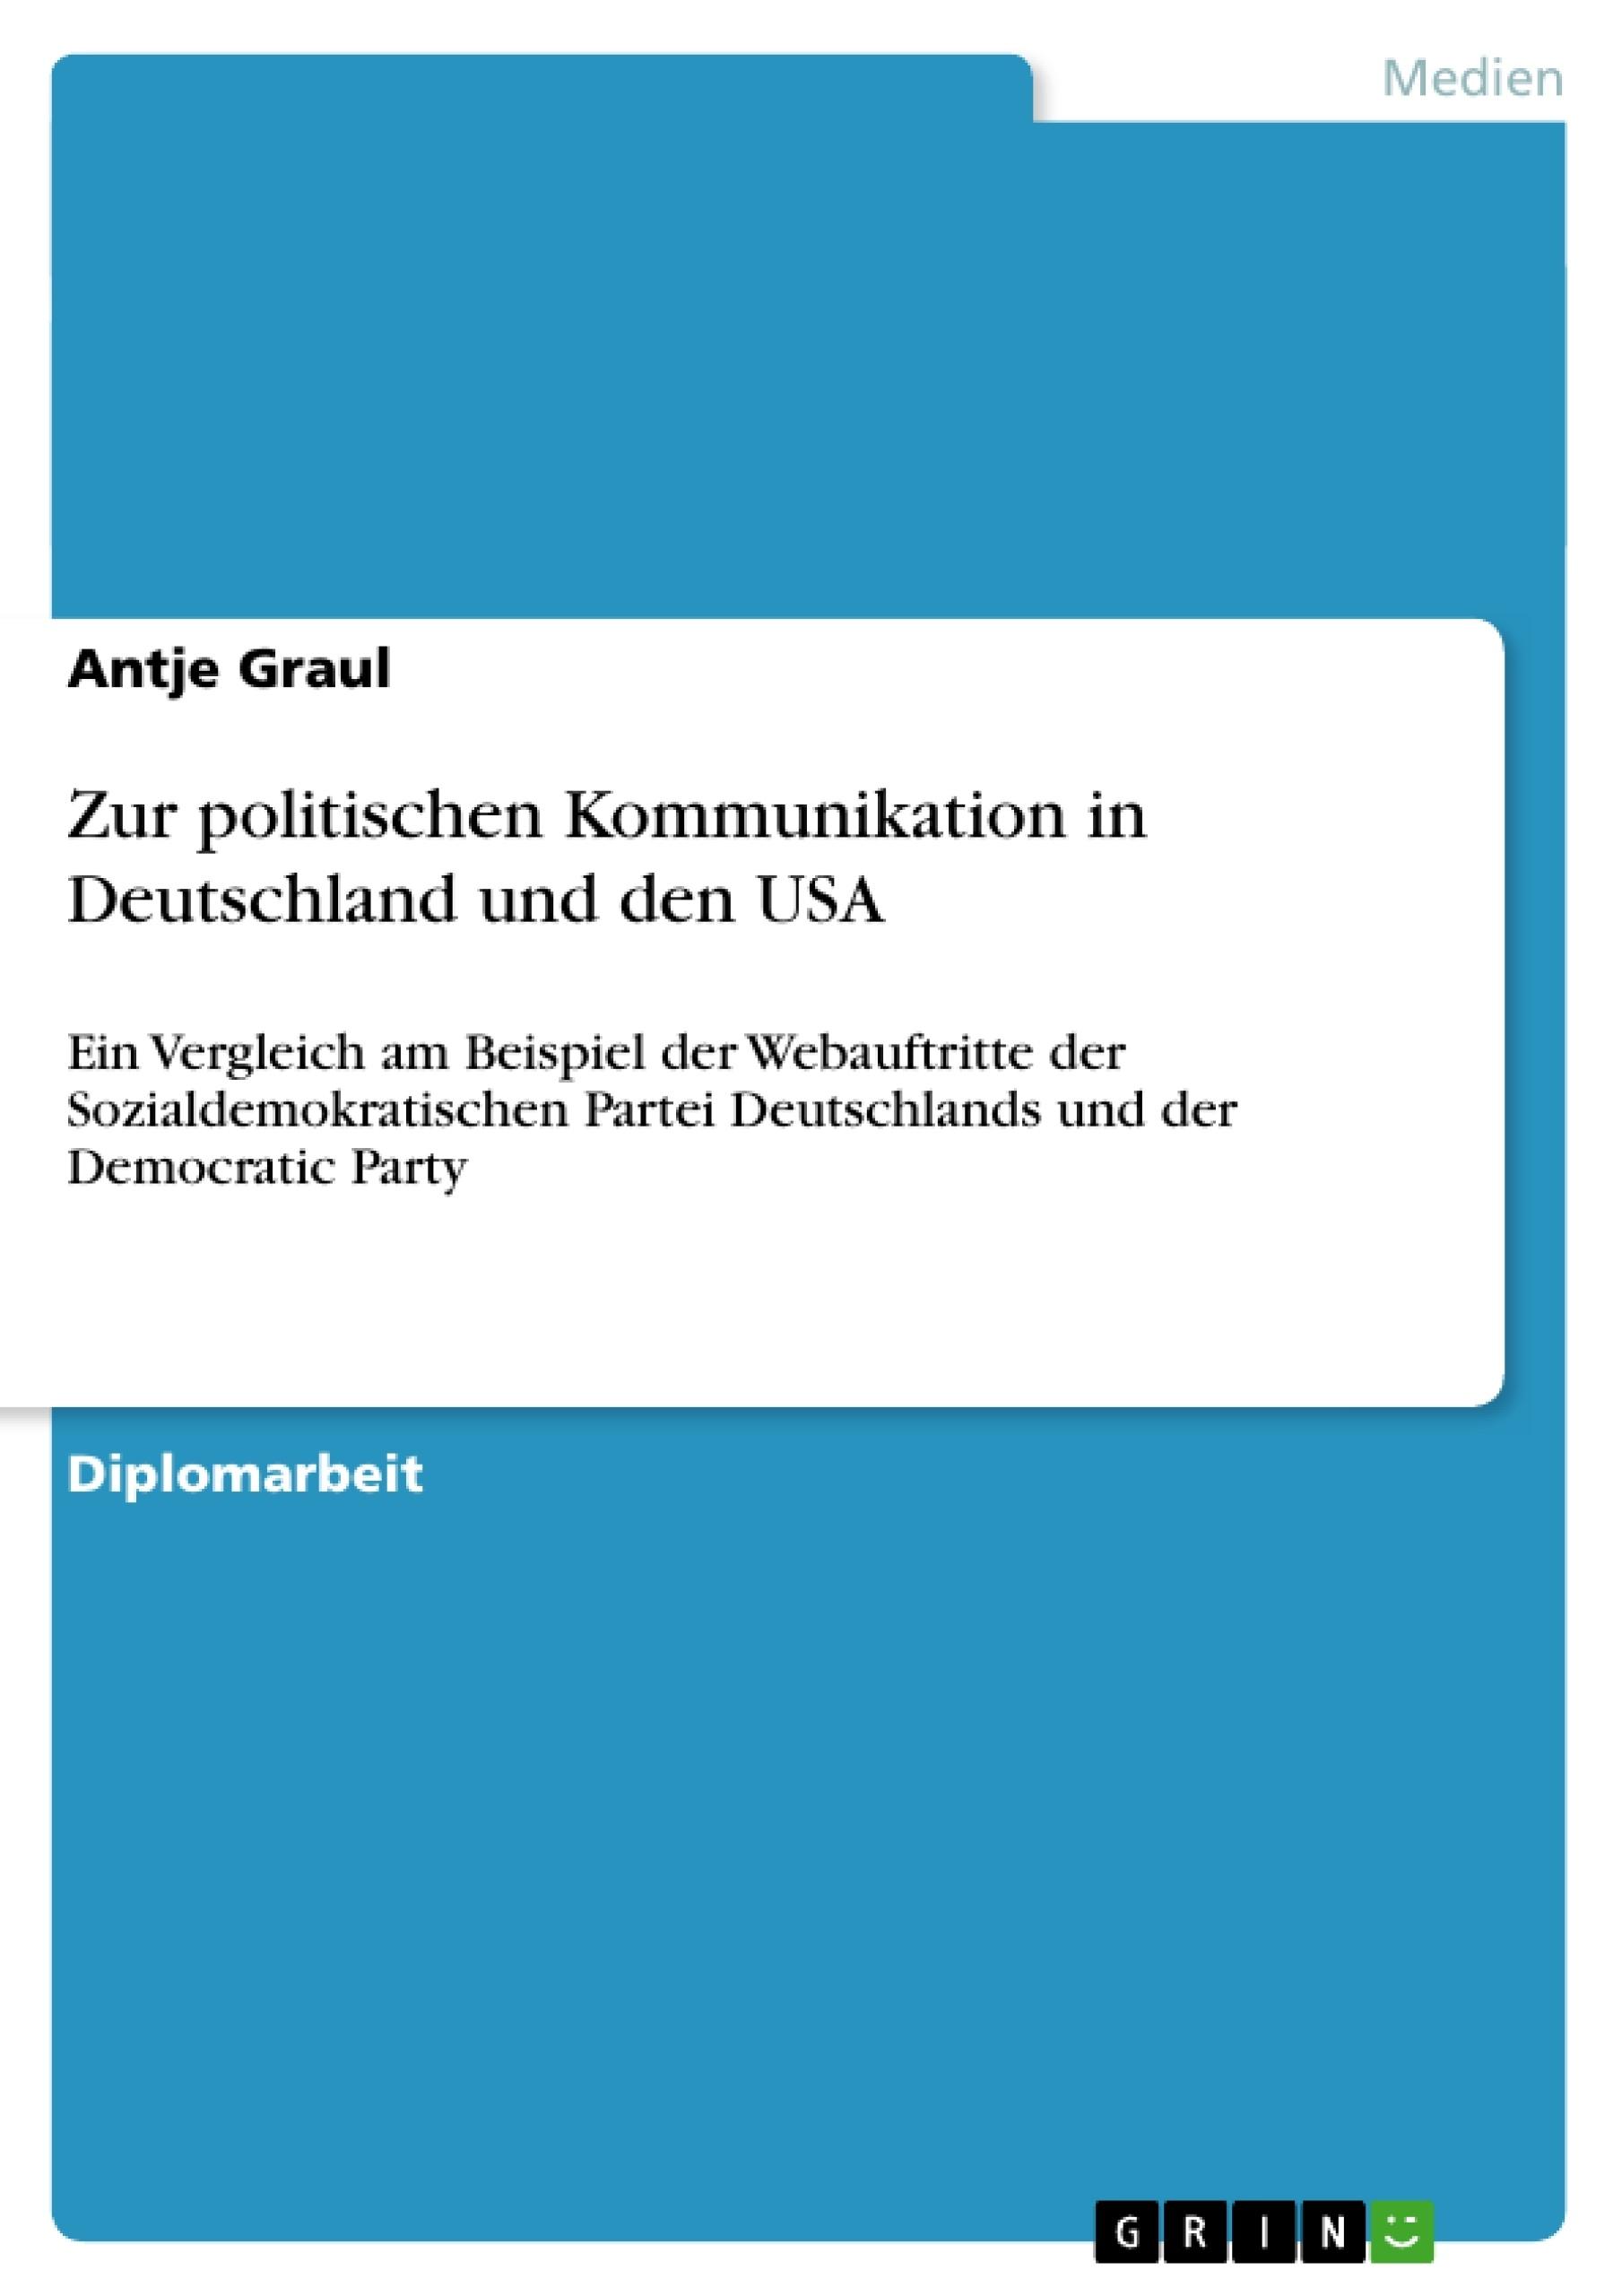 Titel: Zur politischen Kommunikation in Deutschland und den USA